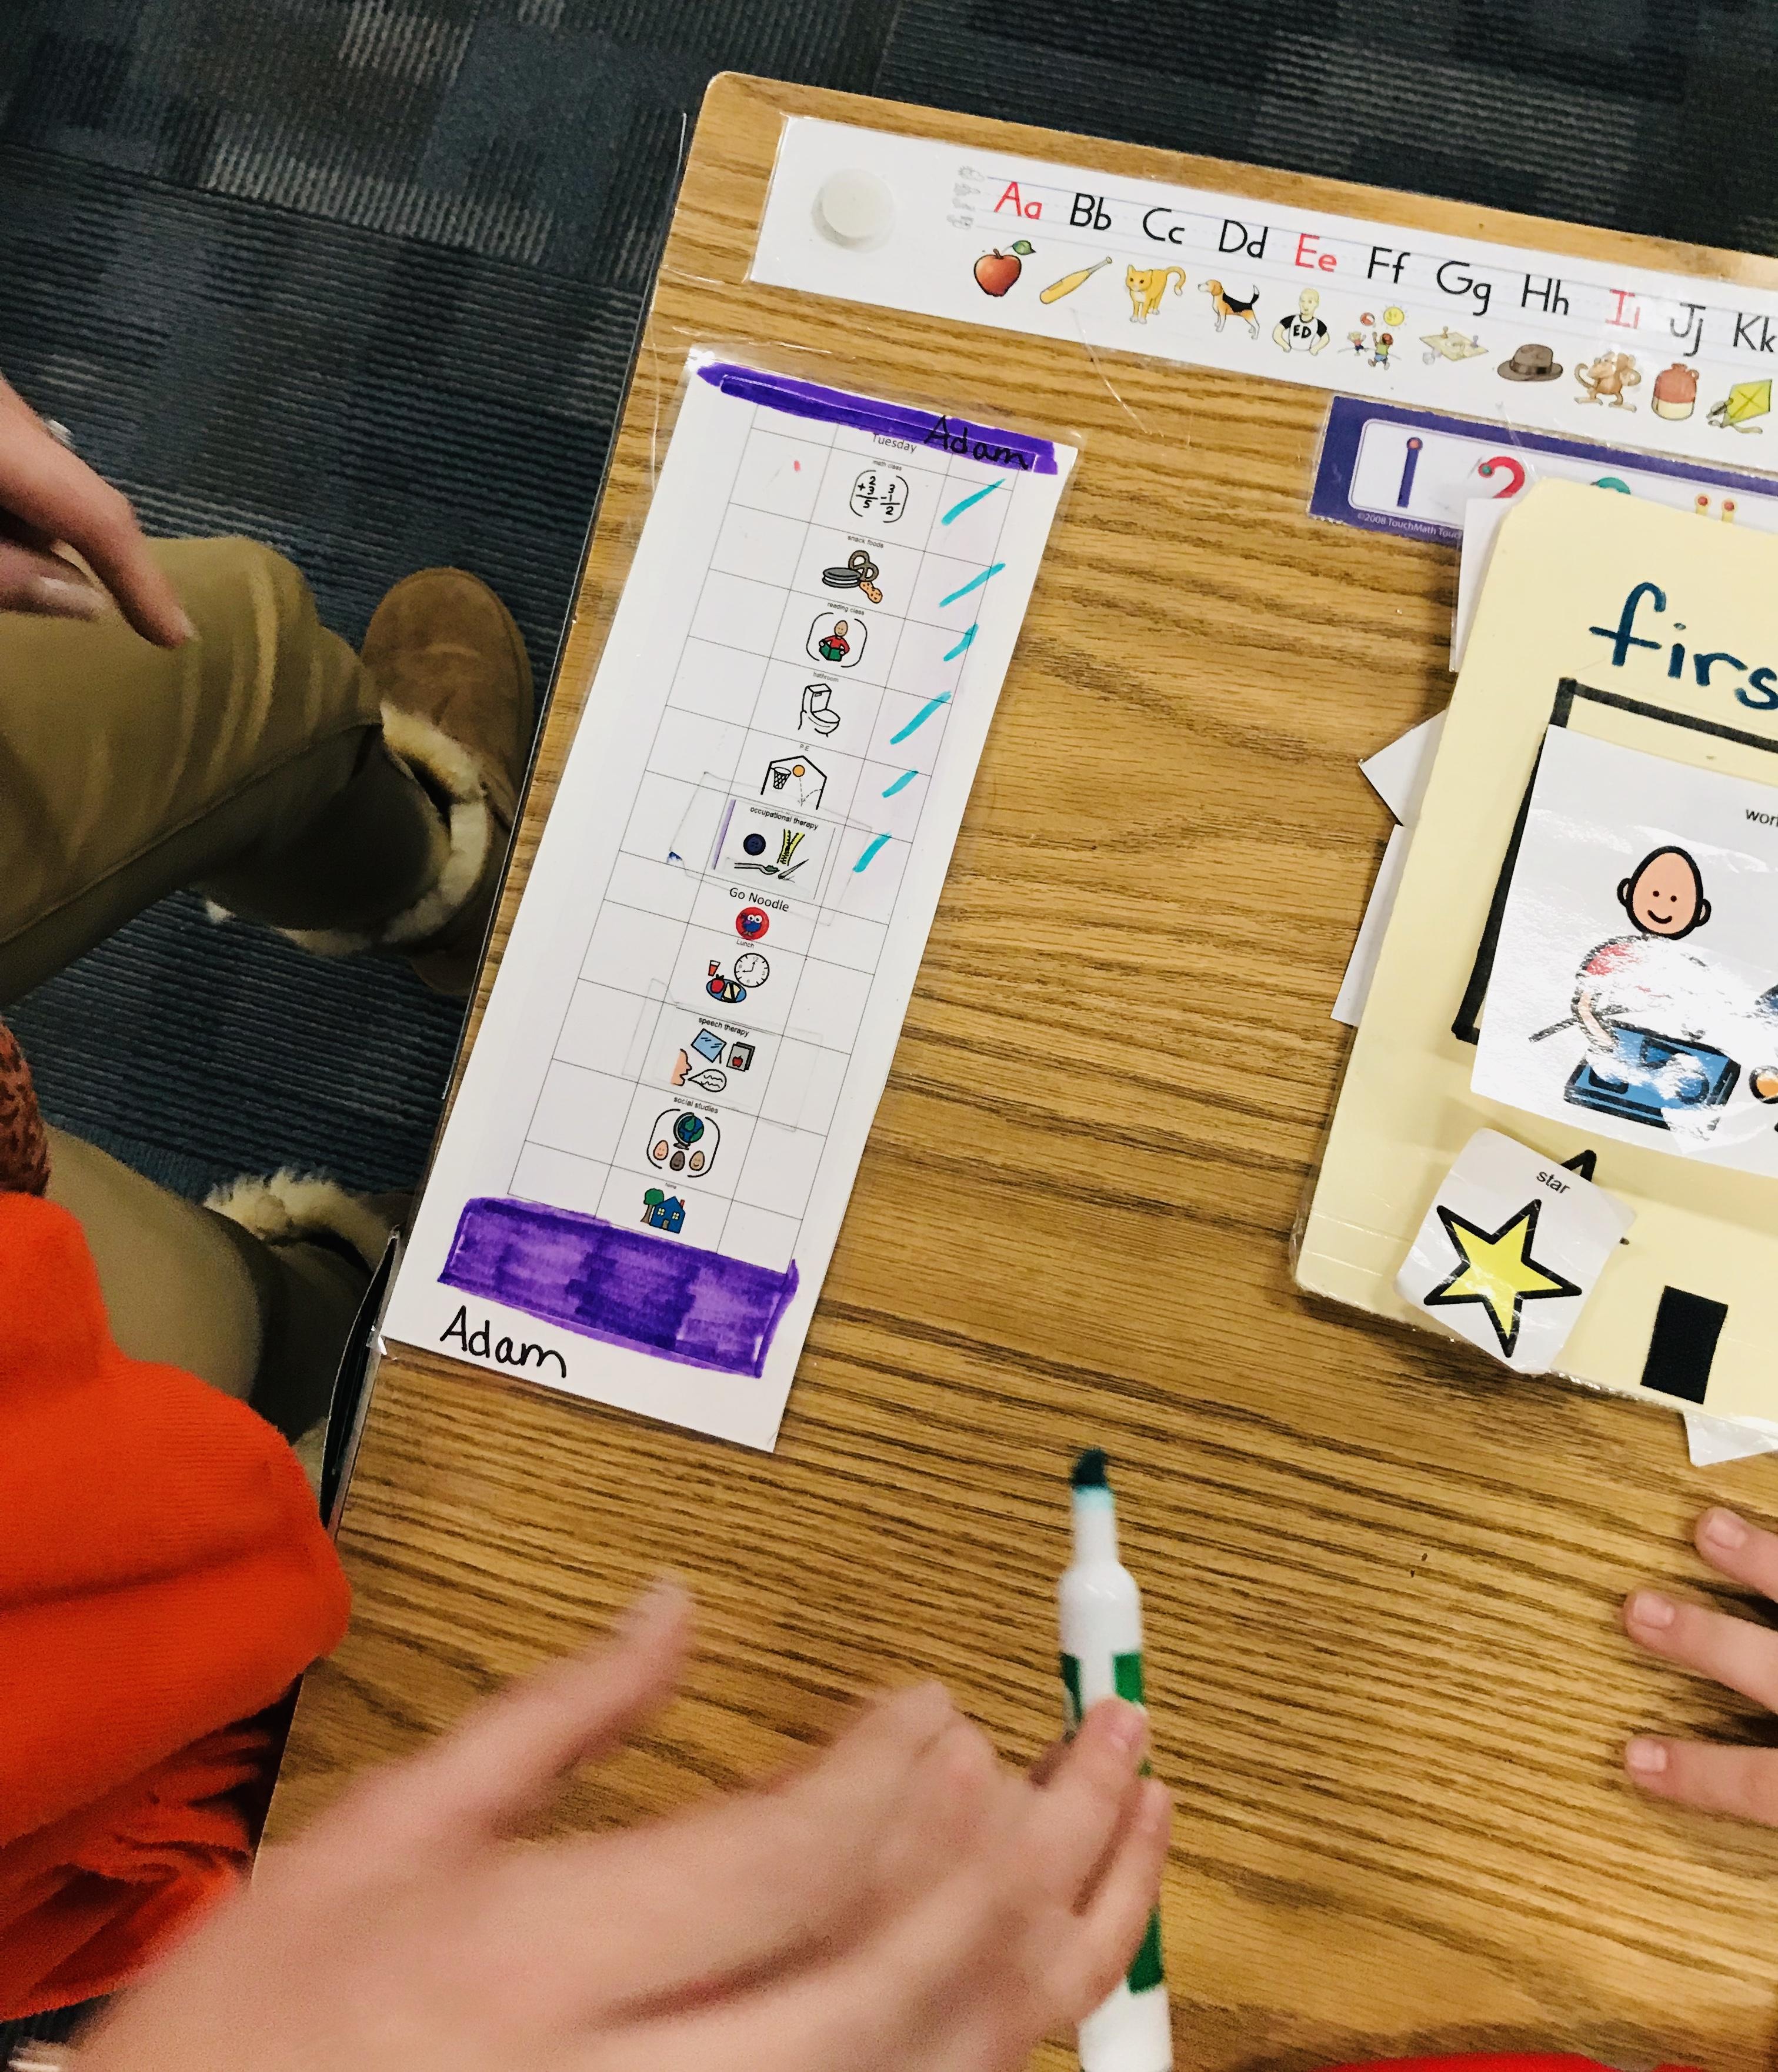 Marking sheet of various things